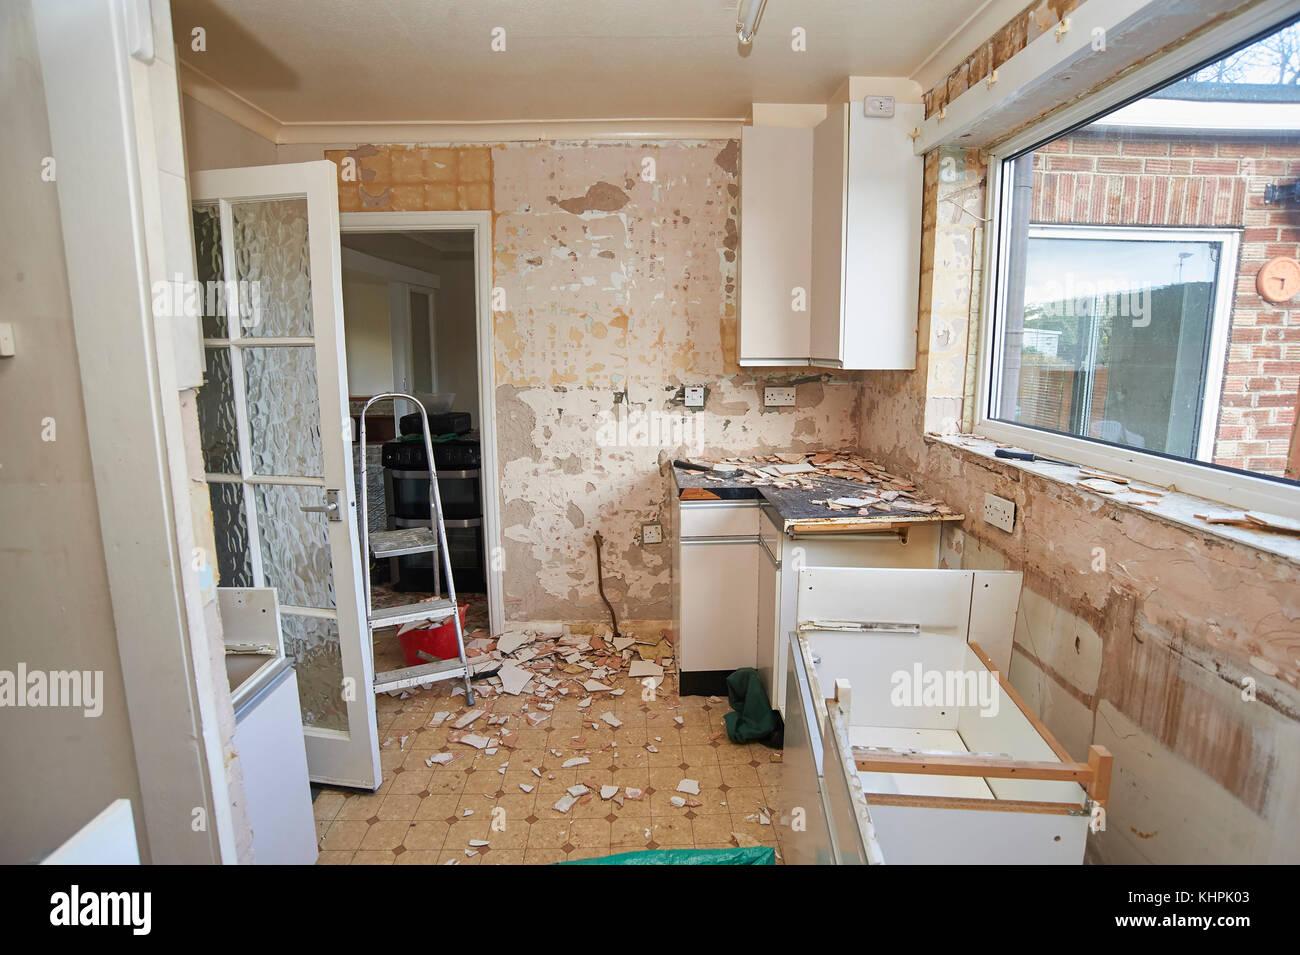 Wohnimmobilien Renovierung Demontage Kuche Einheiten Und Entfernen